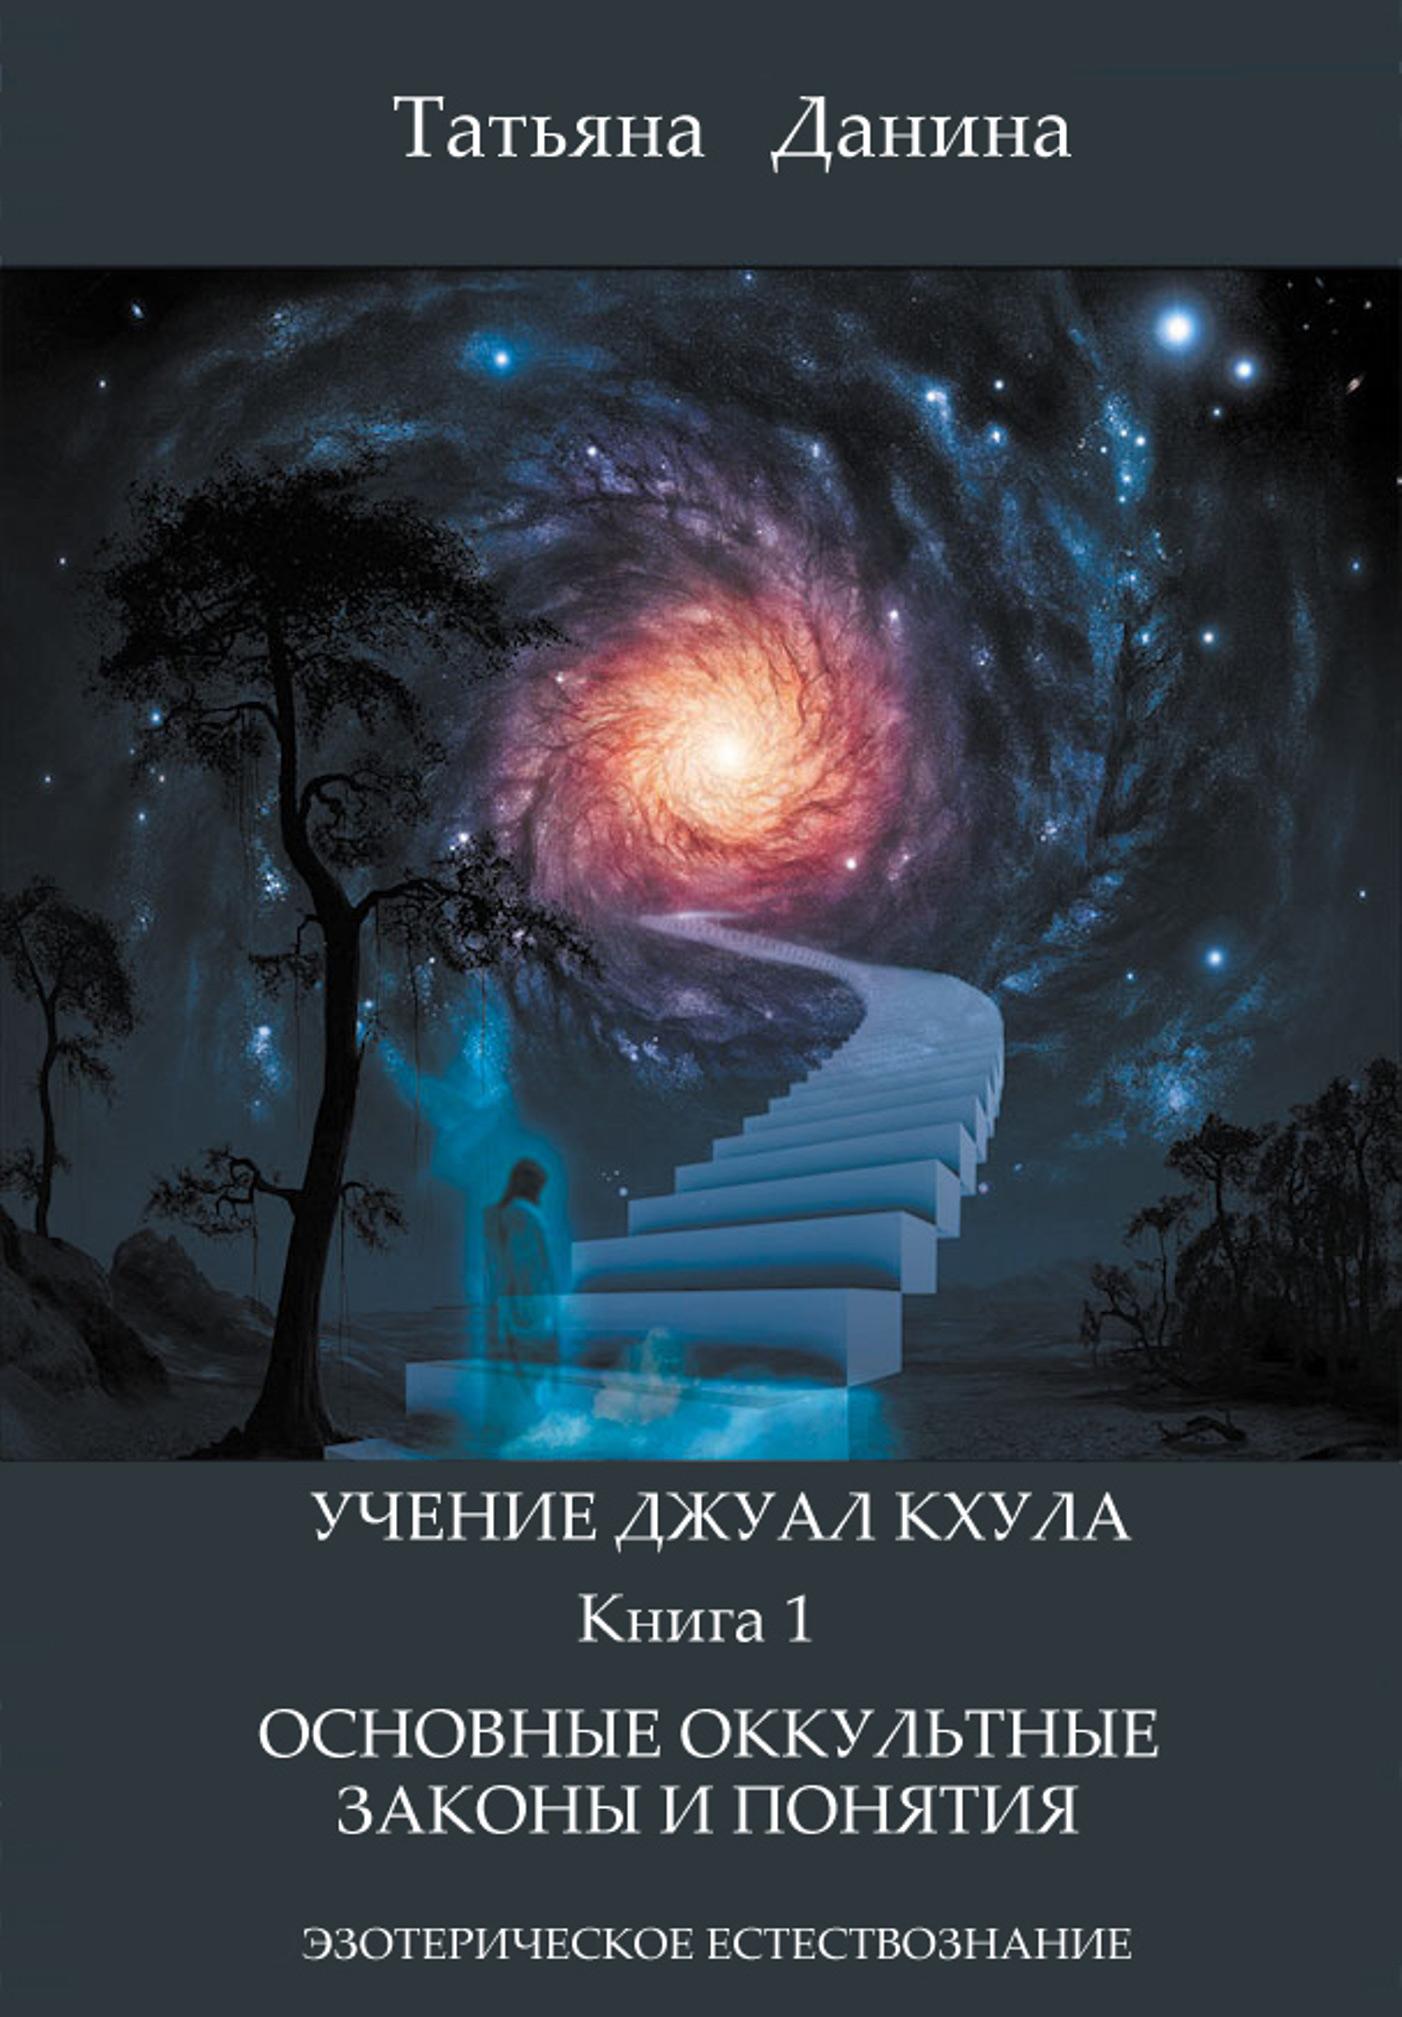 Татьяна Данина Основные оккультные законы и понятия татьяна данина бог пространство мыслящая субстанция учение джуал кхула